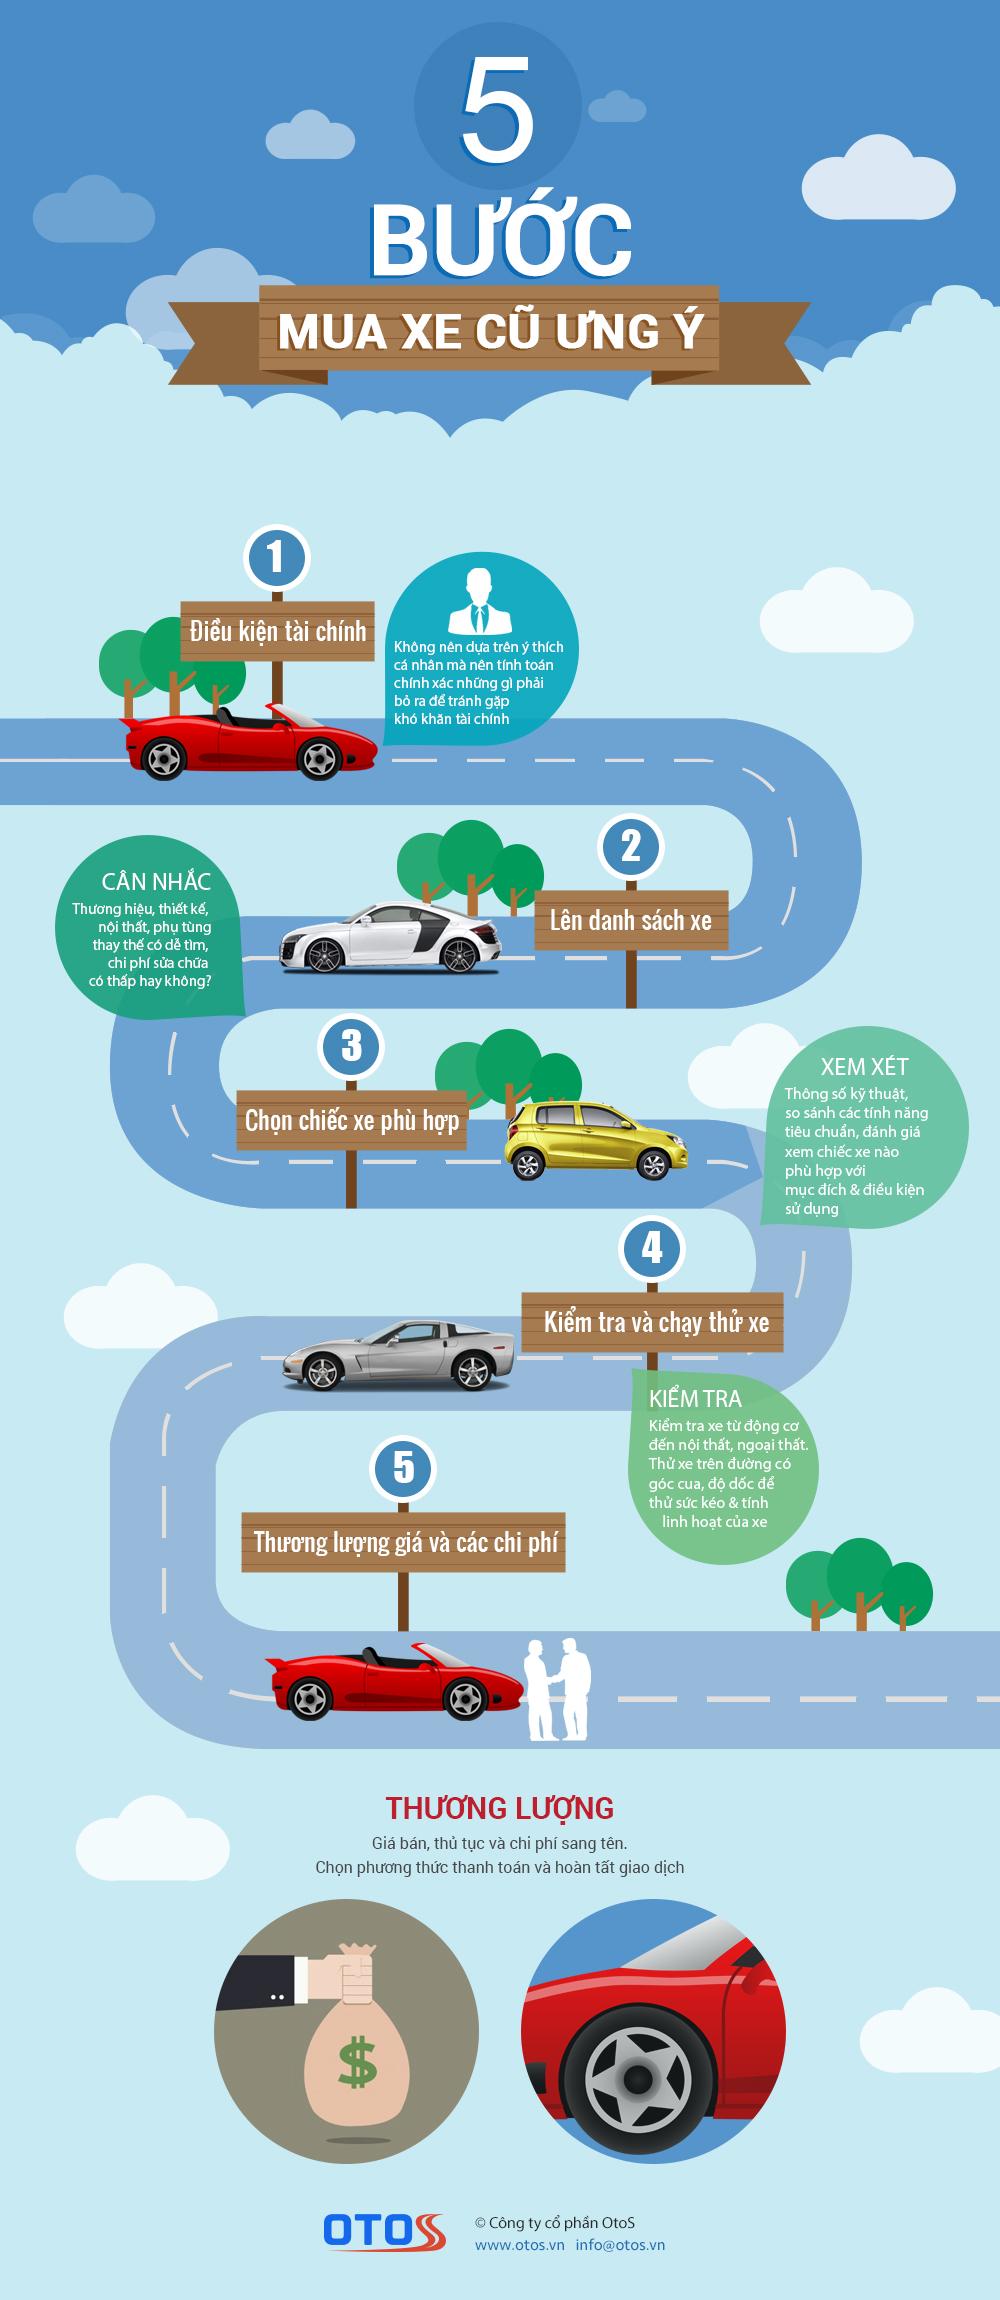 Hứng dẫn 5 bước để mua được chiếc ô tô cũ ưng ý